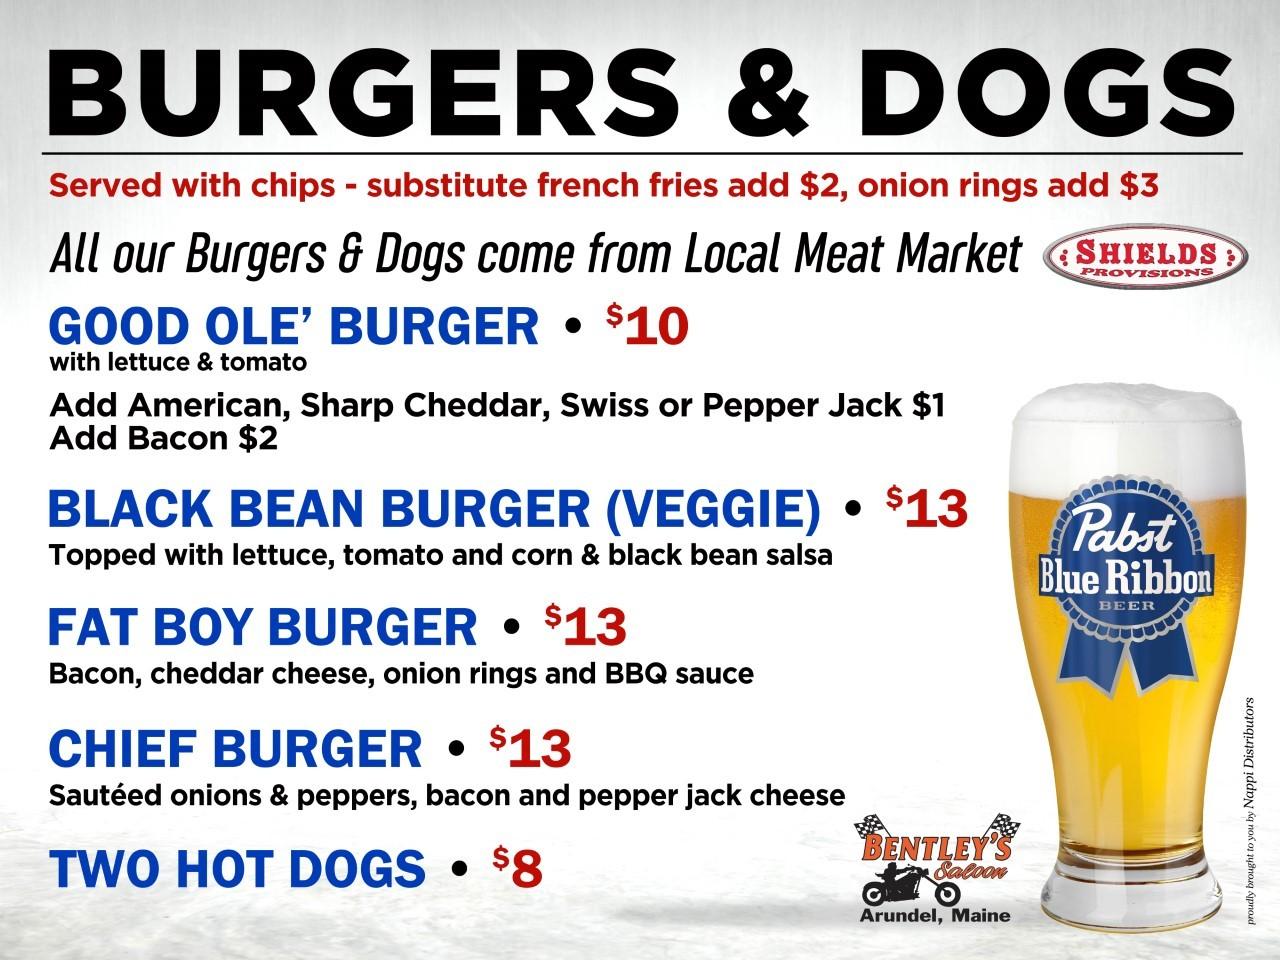 FIANL_Bentley's Burgers_Dogs Board 2020